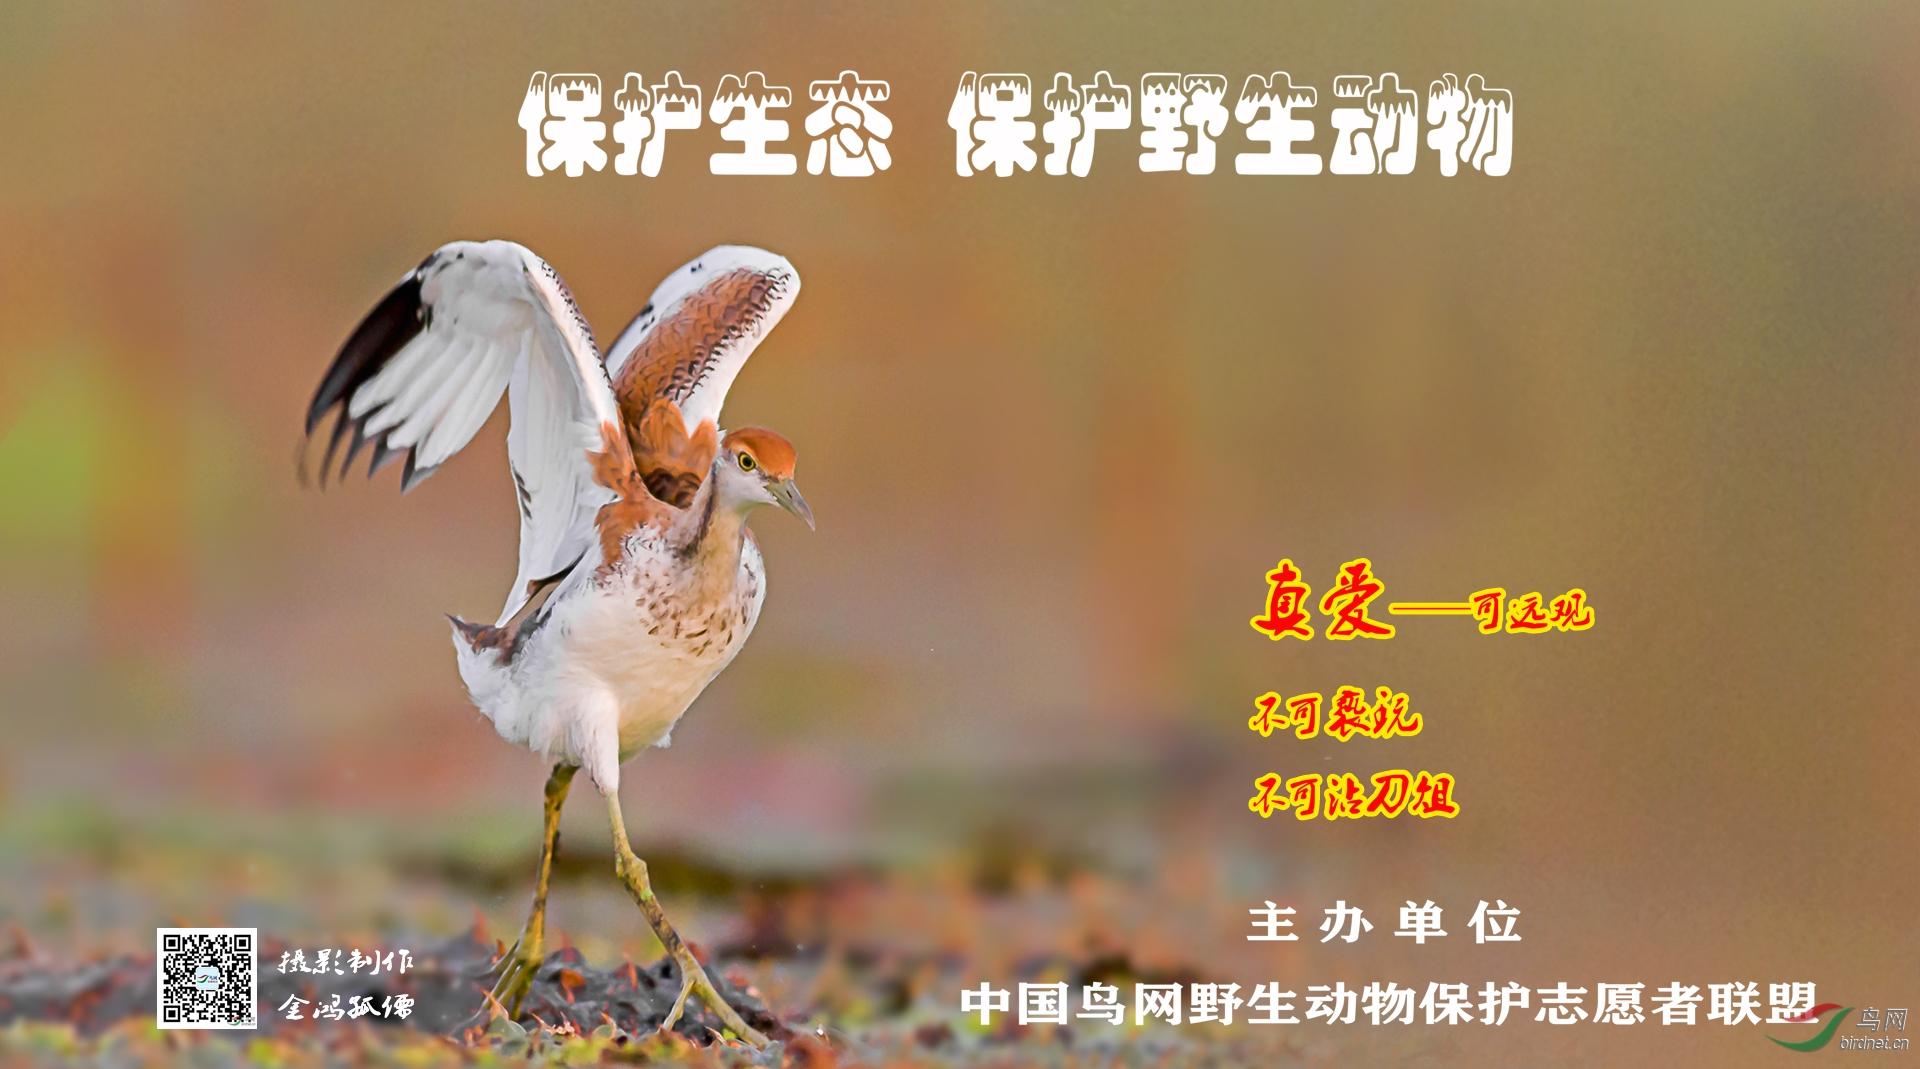 金鸿孤儒····海报2.jpg